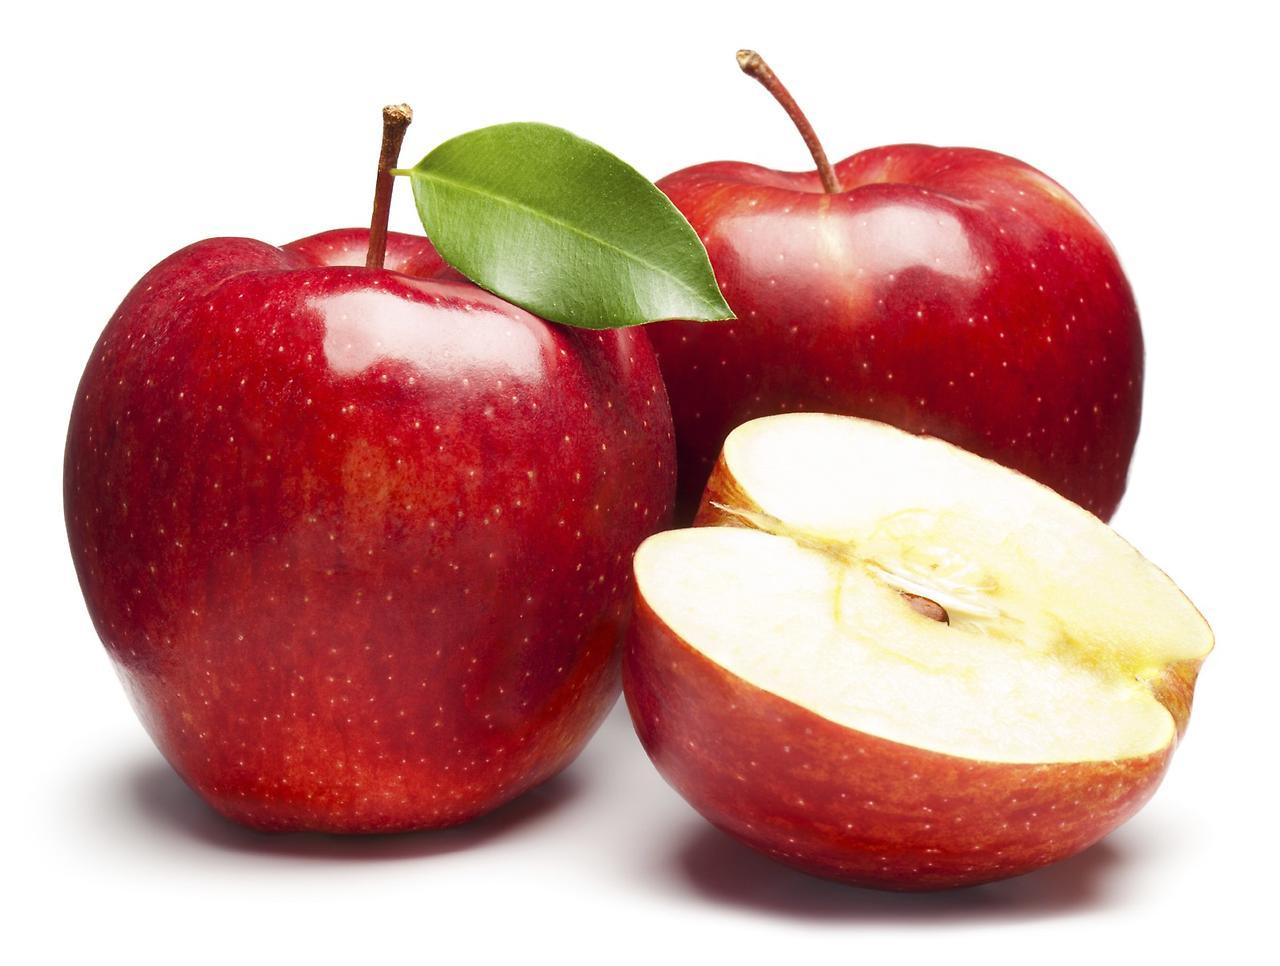 Яблоки слабительные или нет